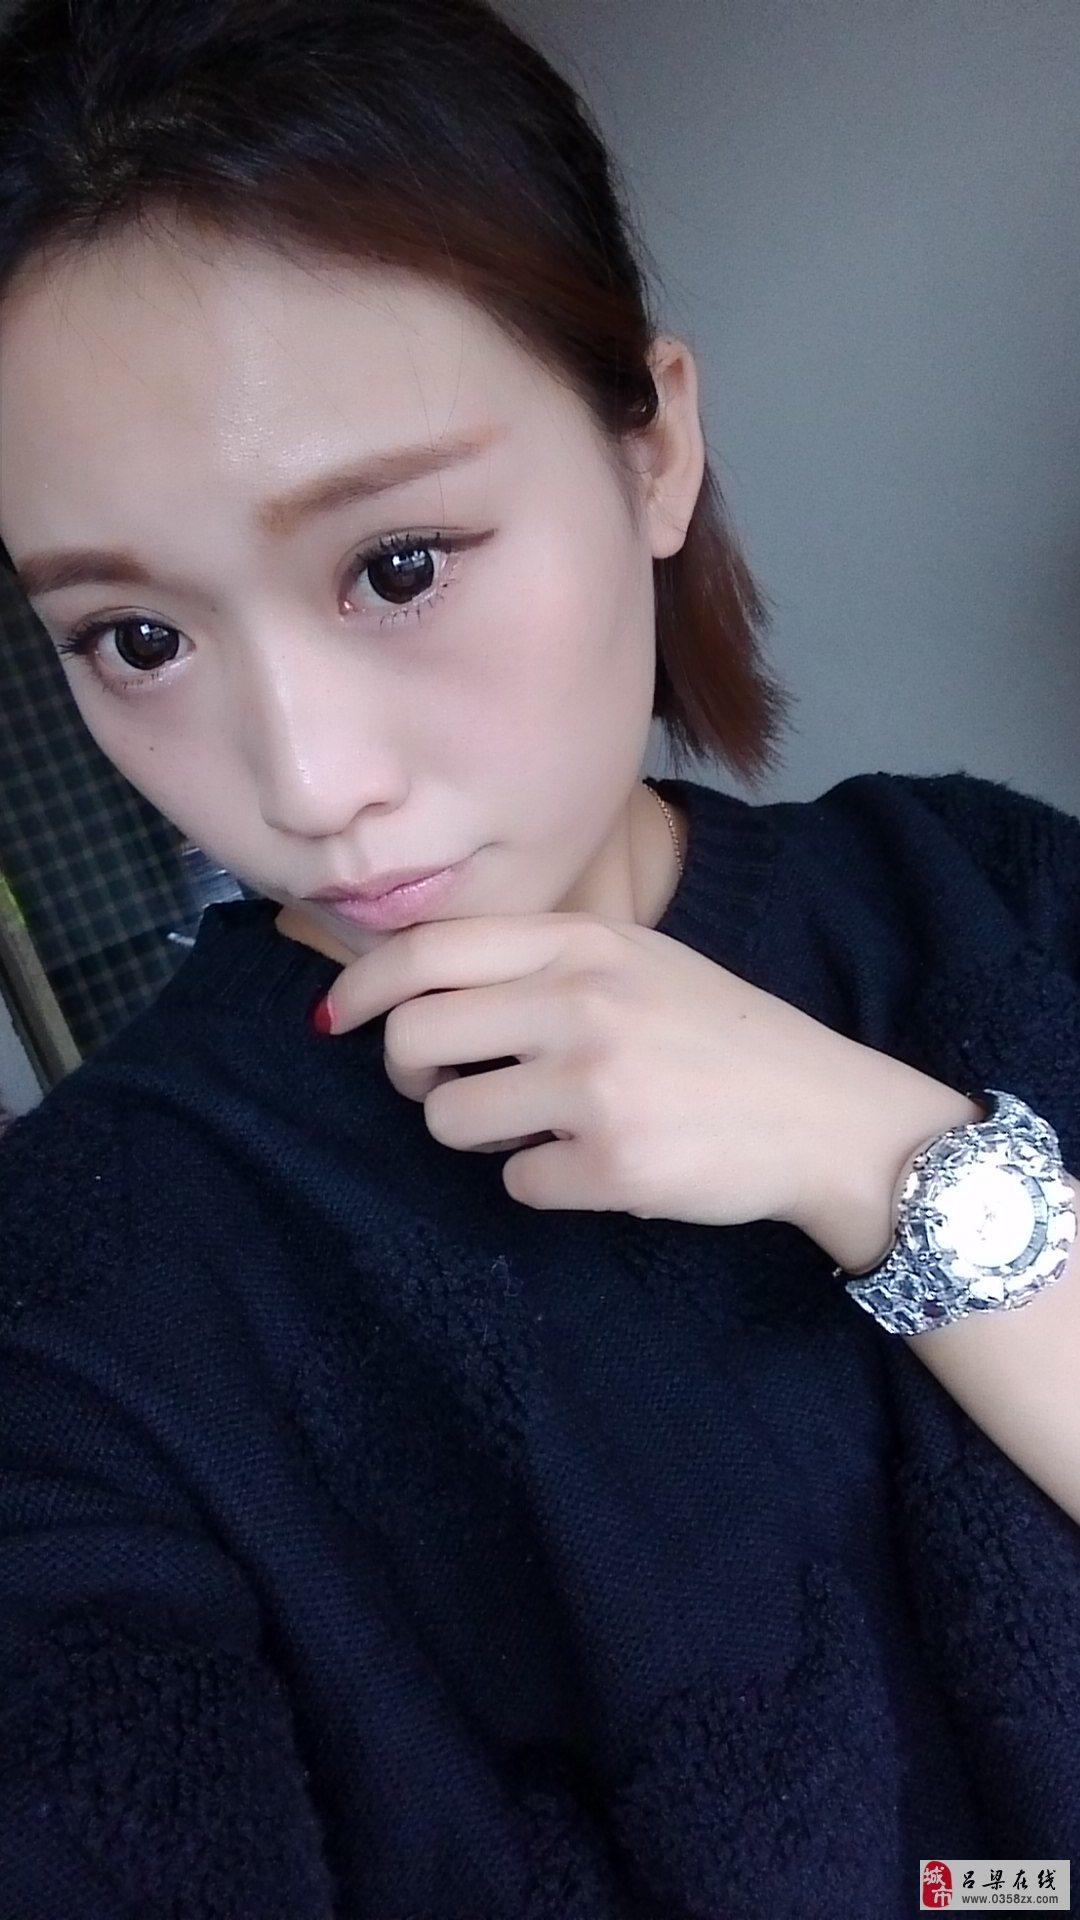 【美女秀场】李慧 25岁 天蝎座 理发店老板